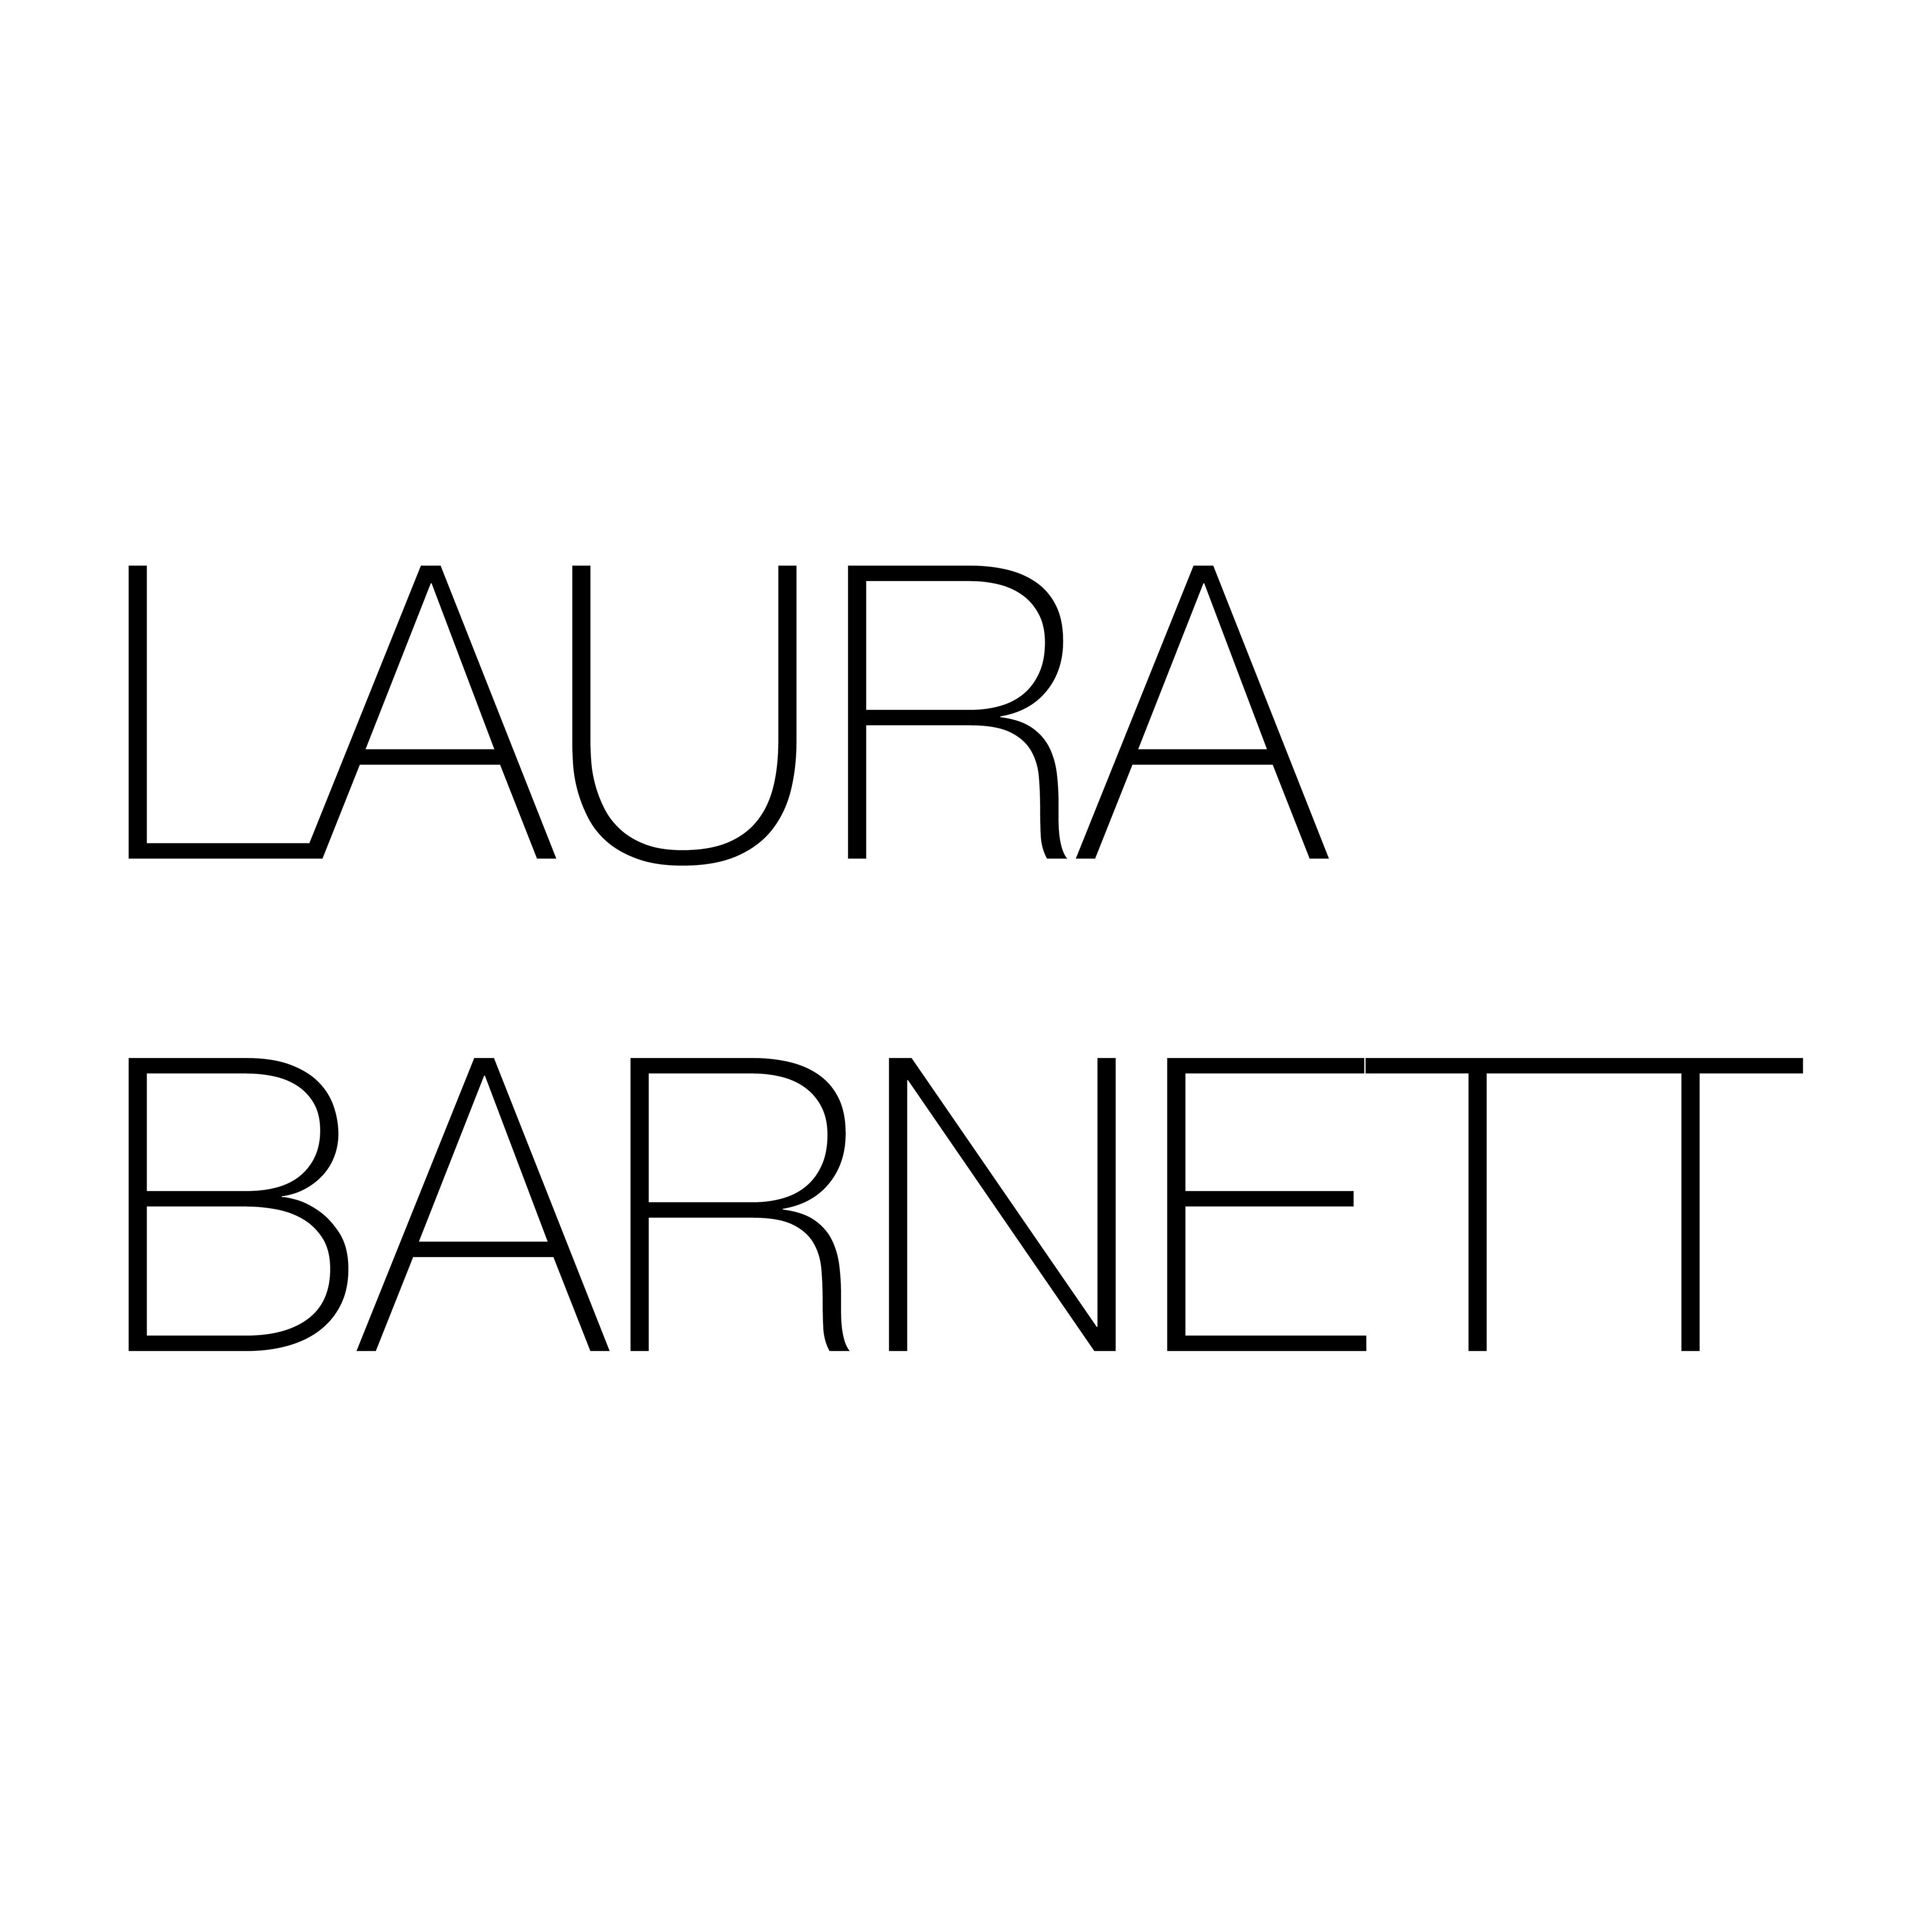 Laura Barnett